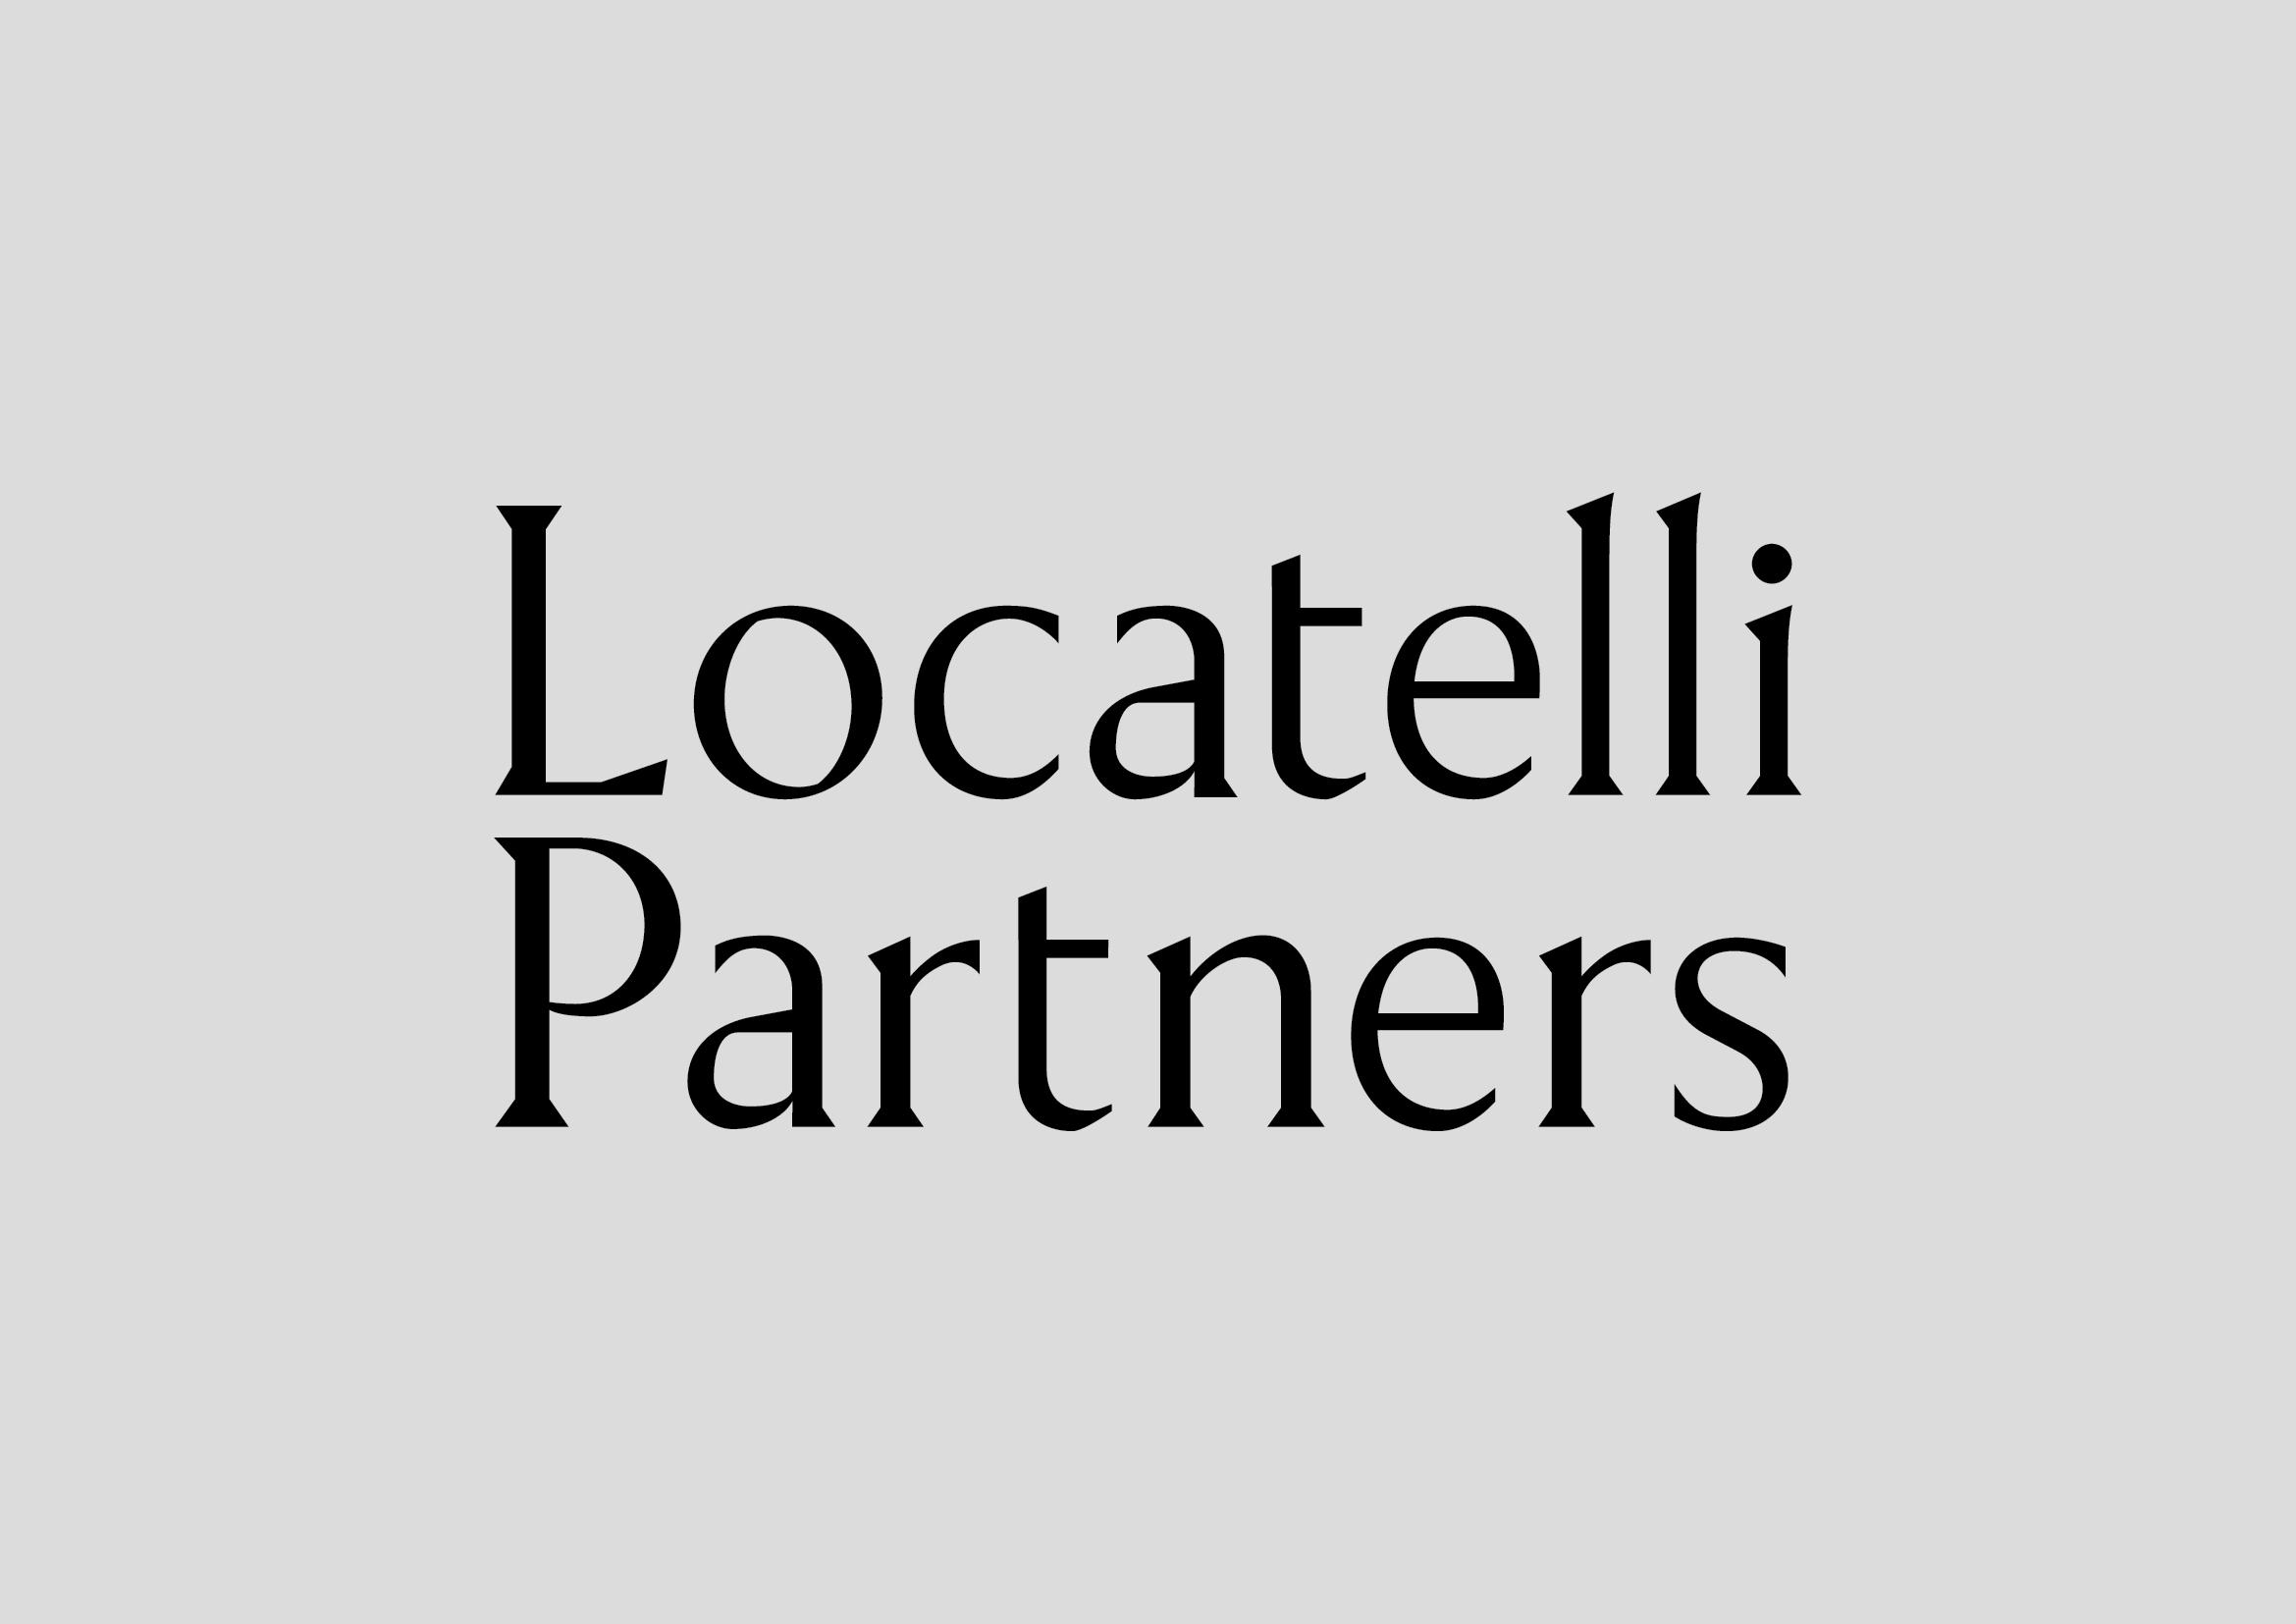 nicoletta-dalfino-locatelli-partners-logo